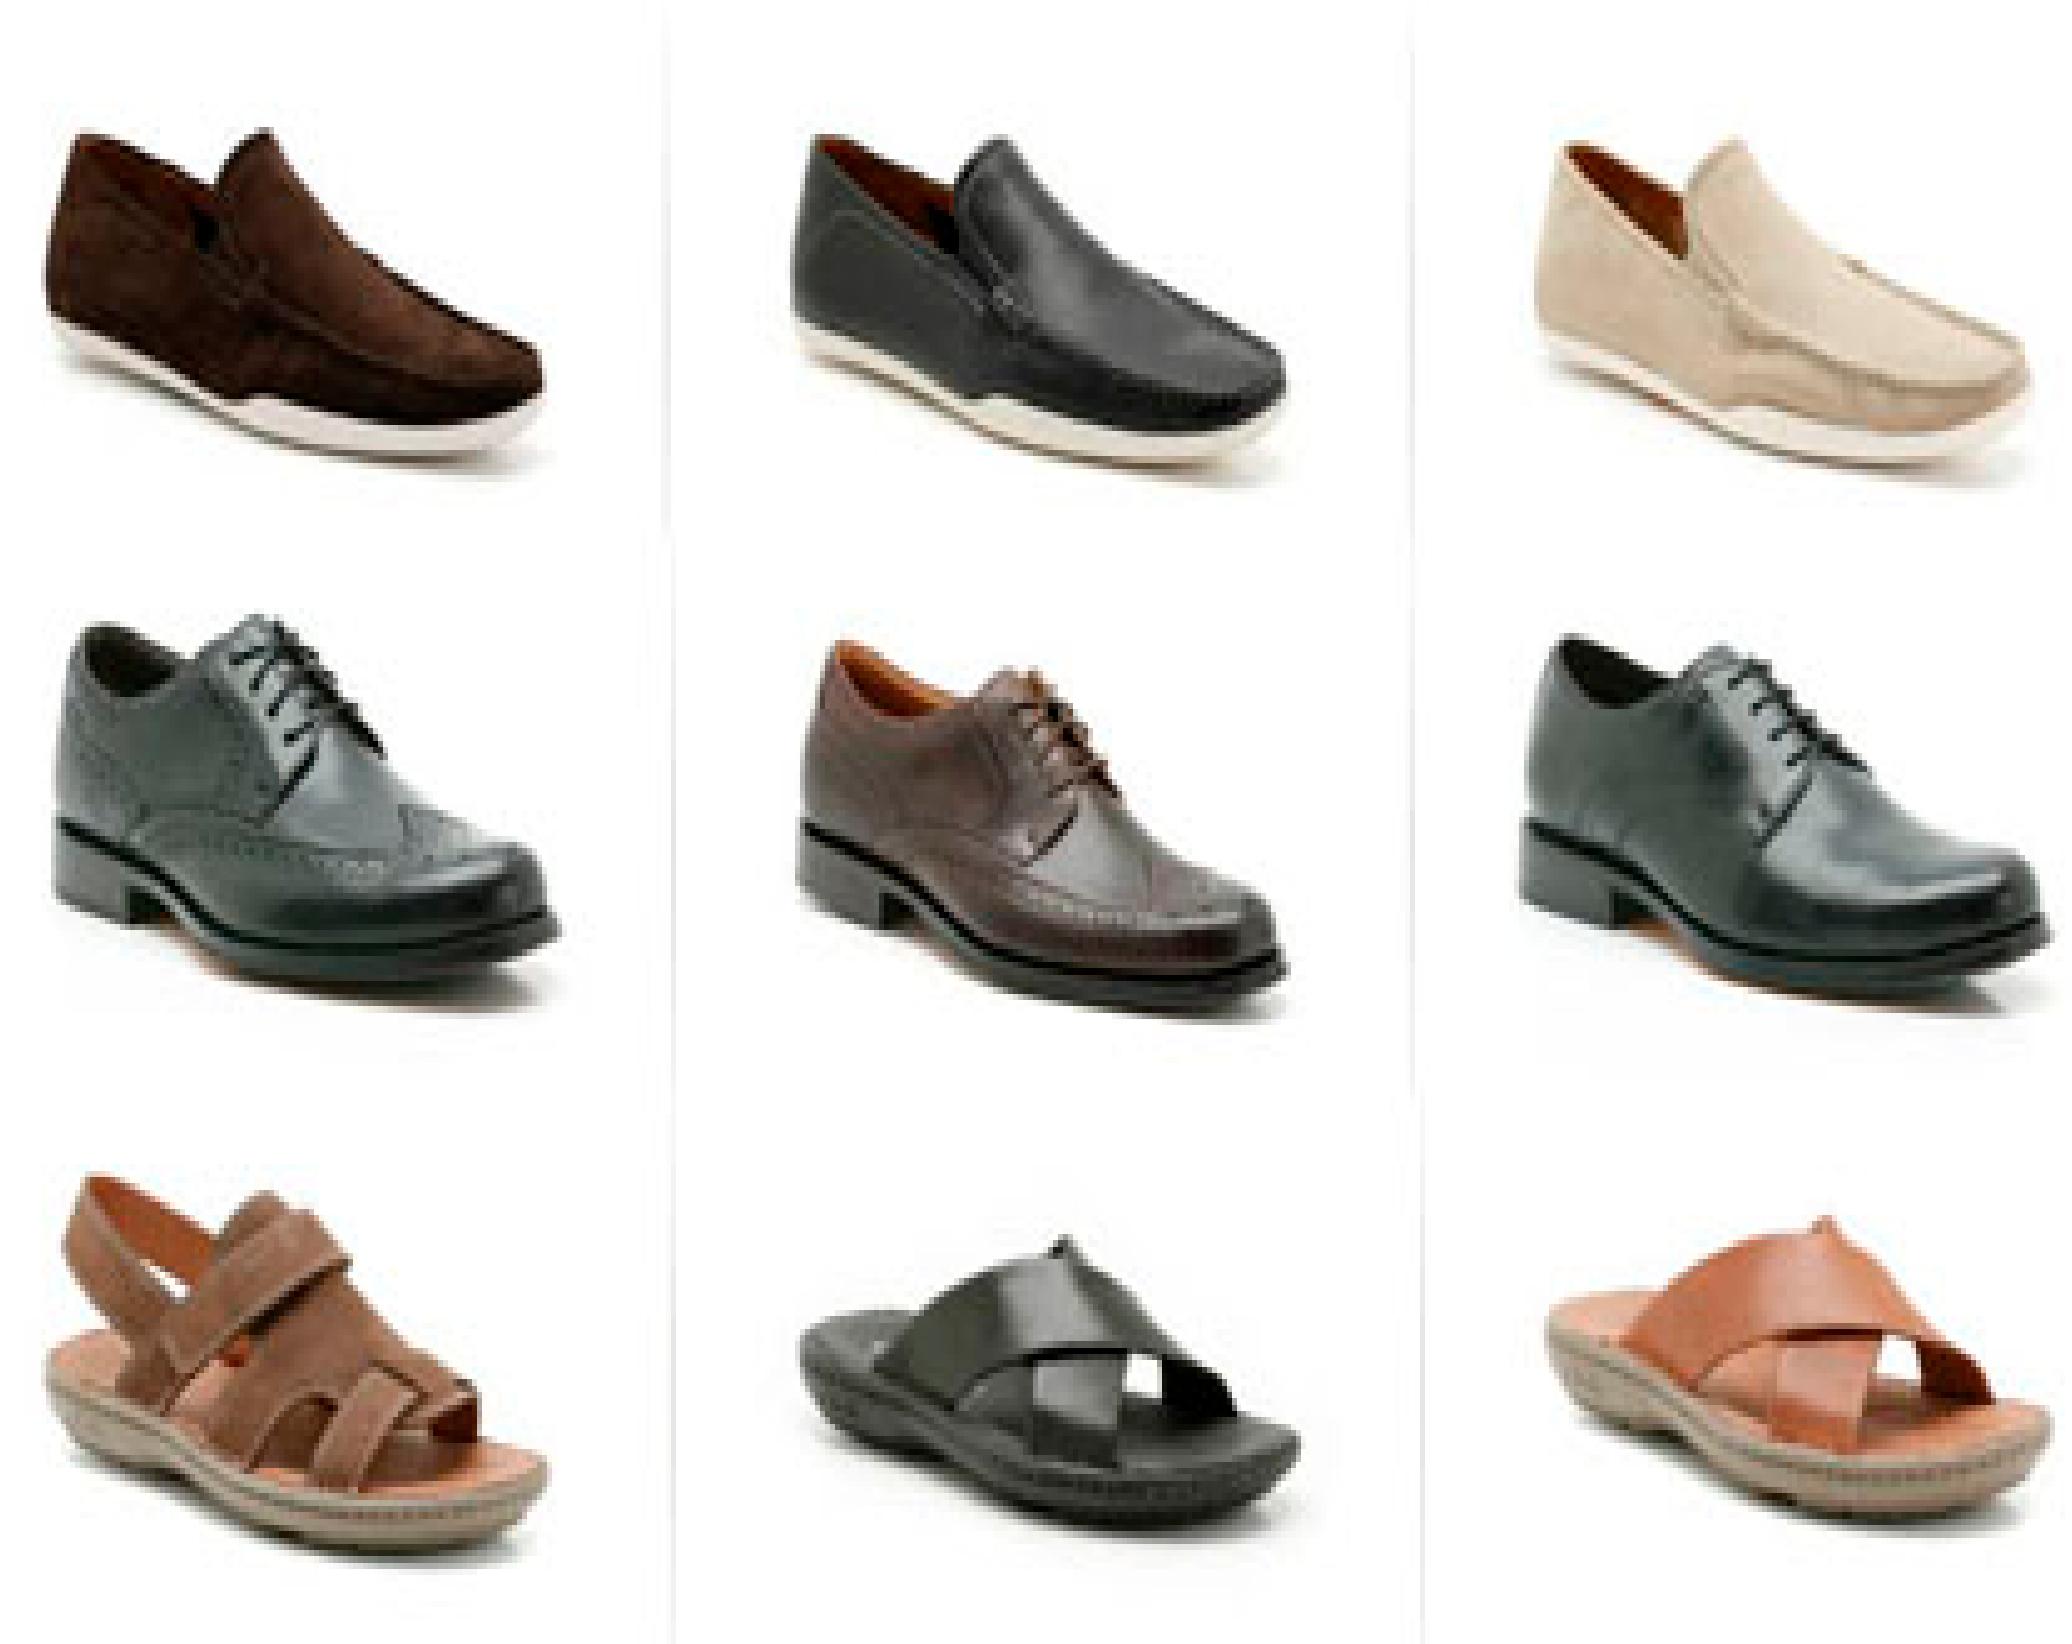 3058a8ec Cuales son los zapatos mas cómodos para trabajar... - Hombre Alfa